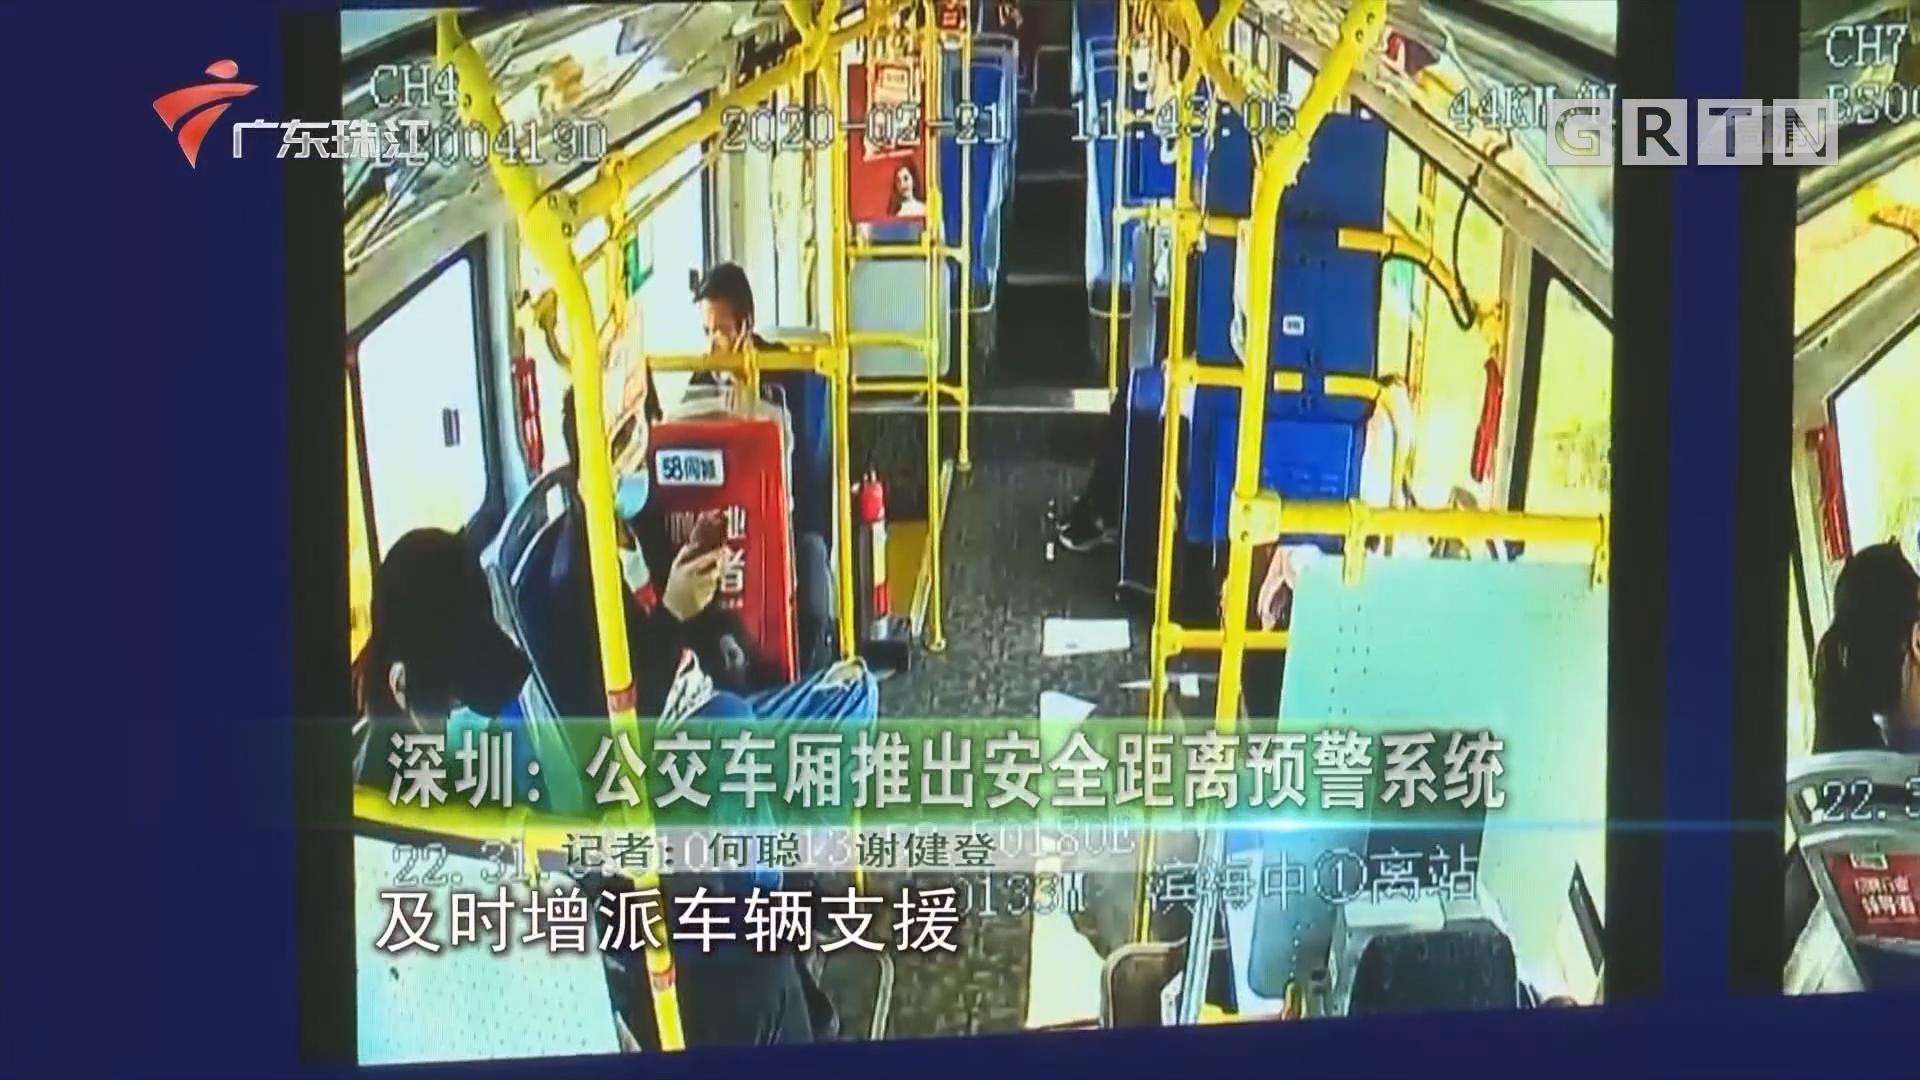 深圳:公交車廂推出安全距離預警系統